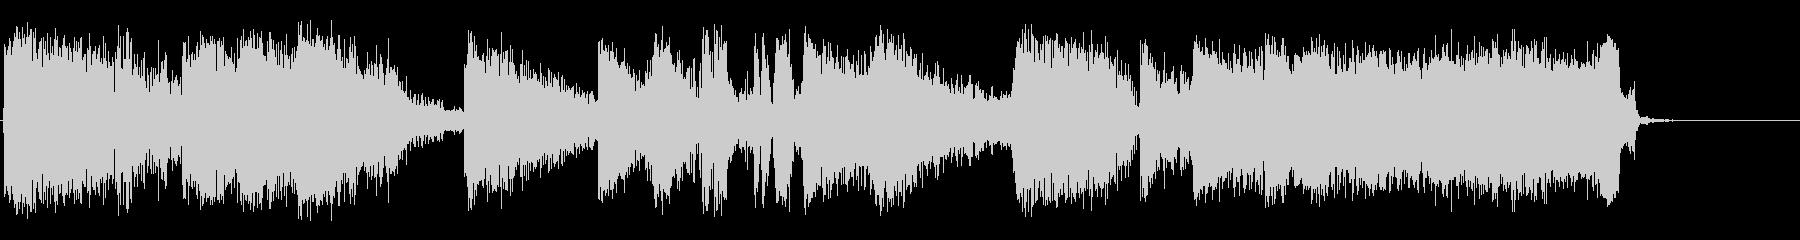 バトルゾーンの未再生の波形